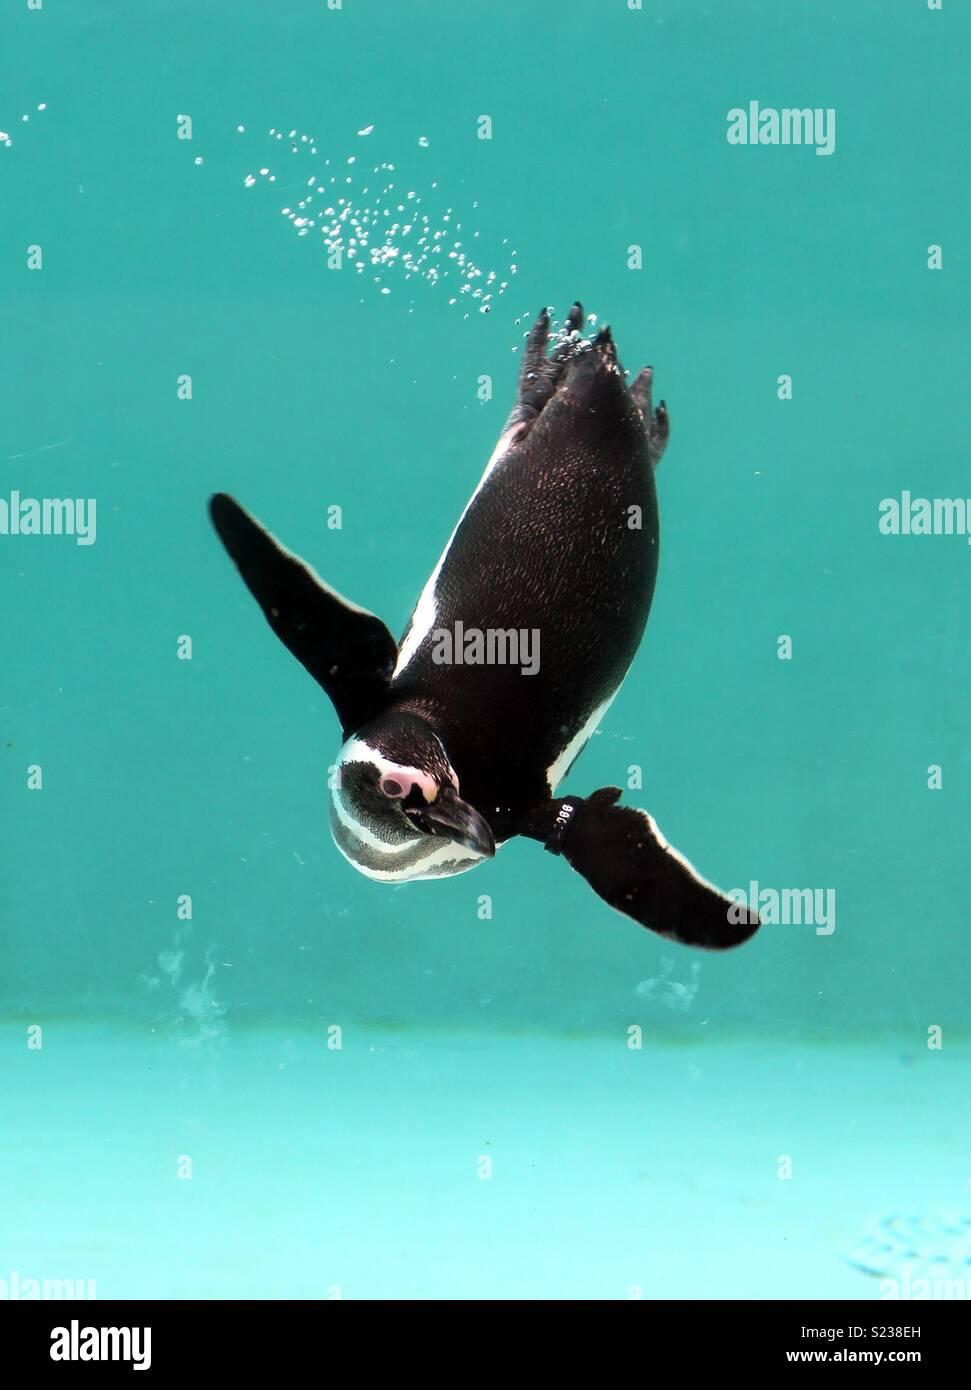 Godendo di una nuotata... Immagini Stock